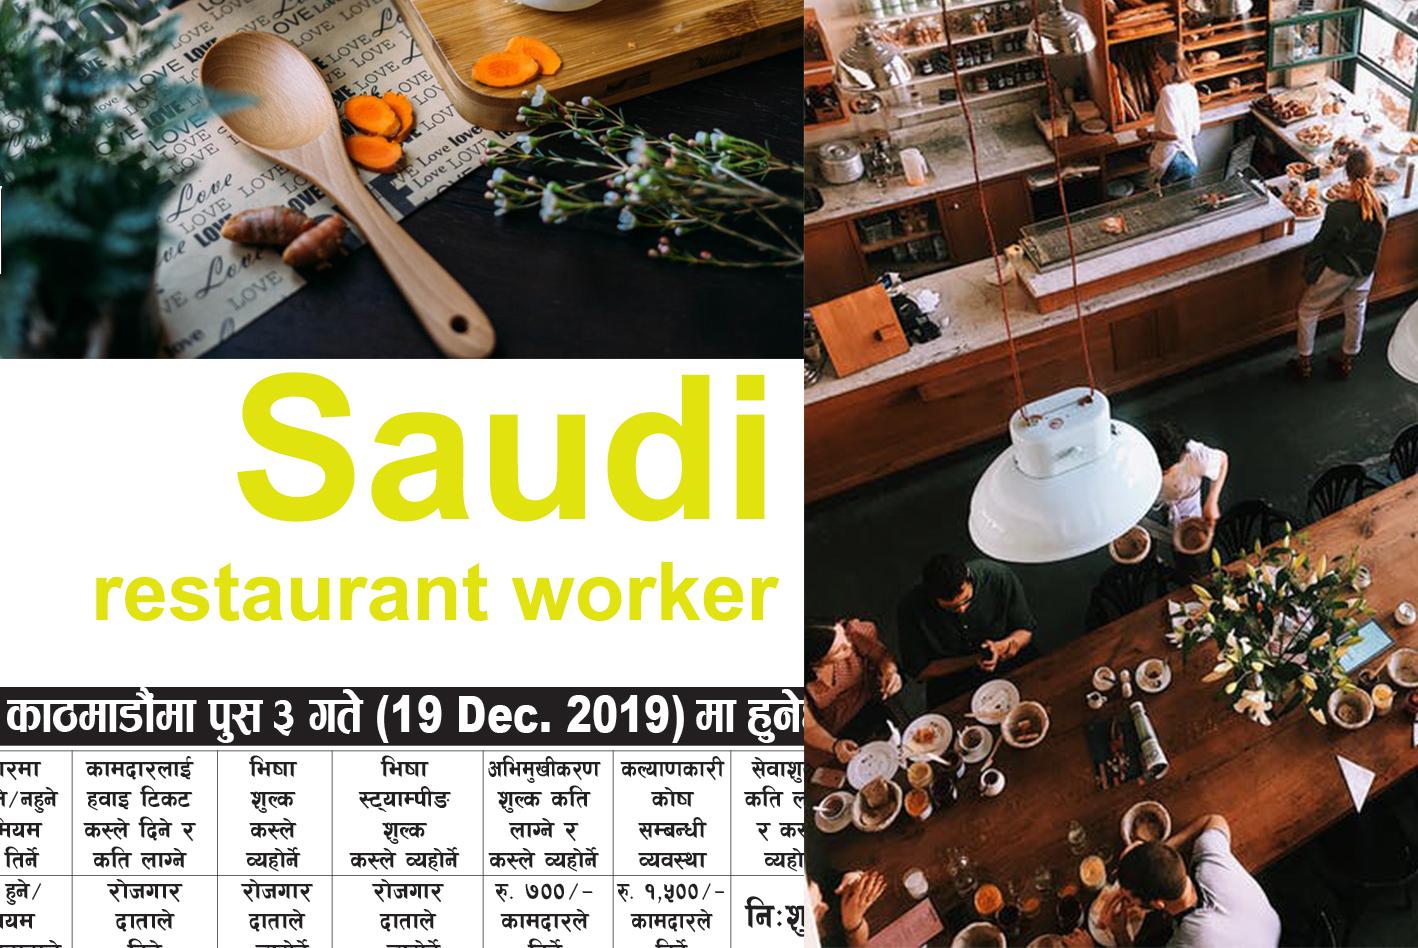 job opportunities in saudi for restaurant worker